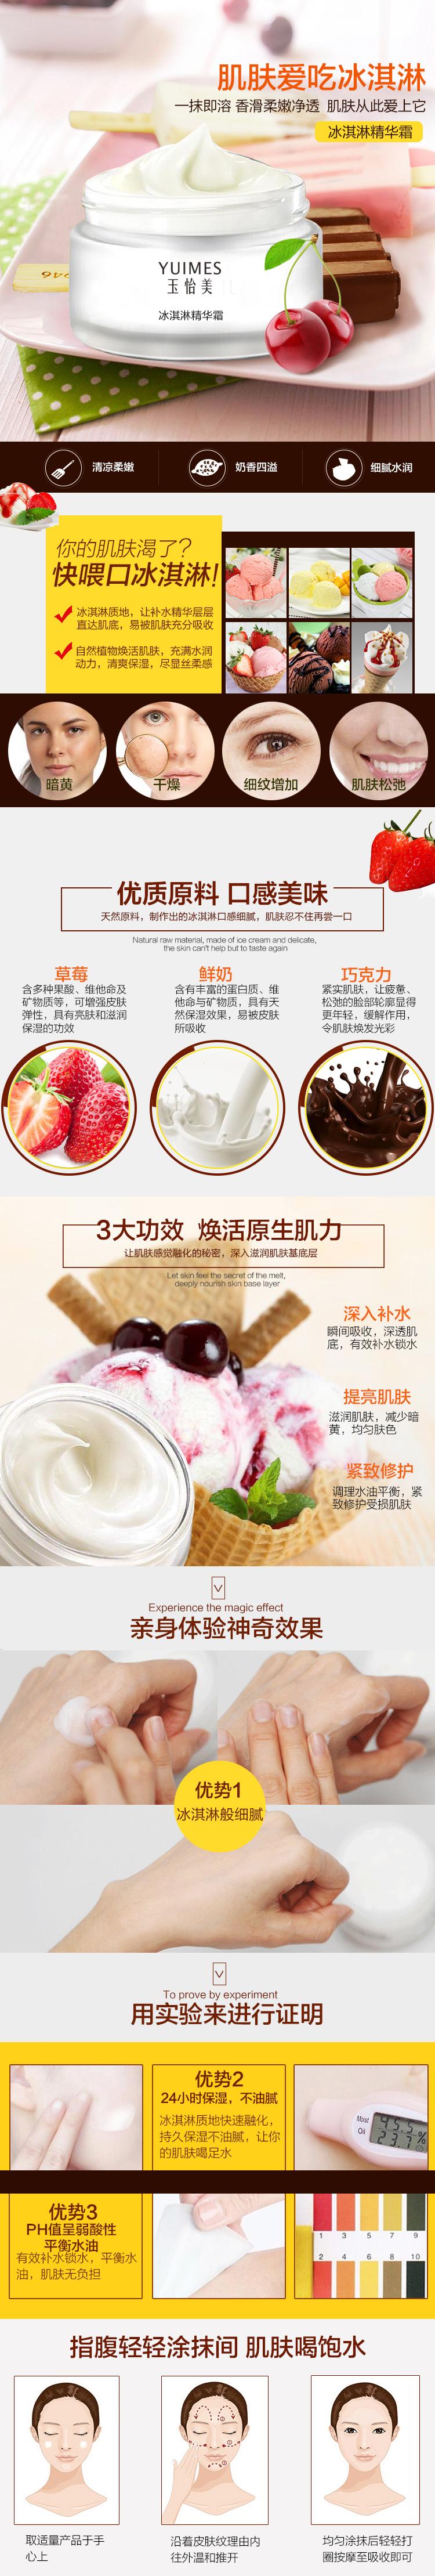 冰淇淋精华霜